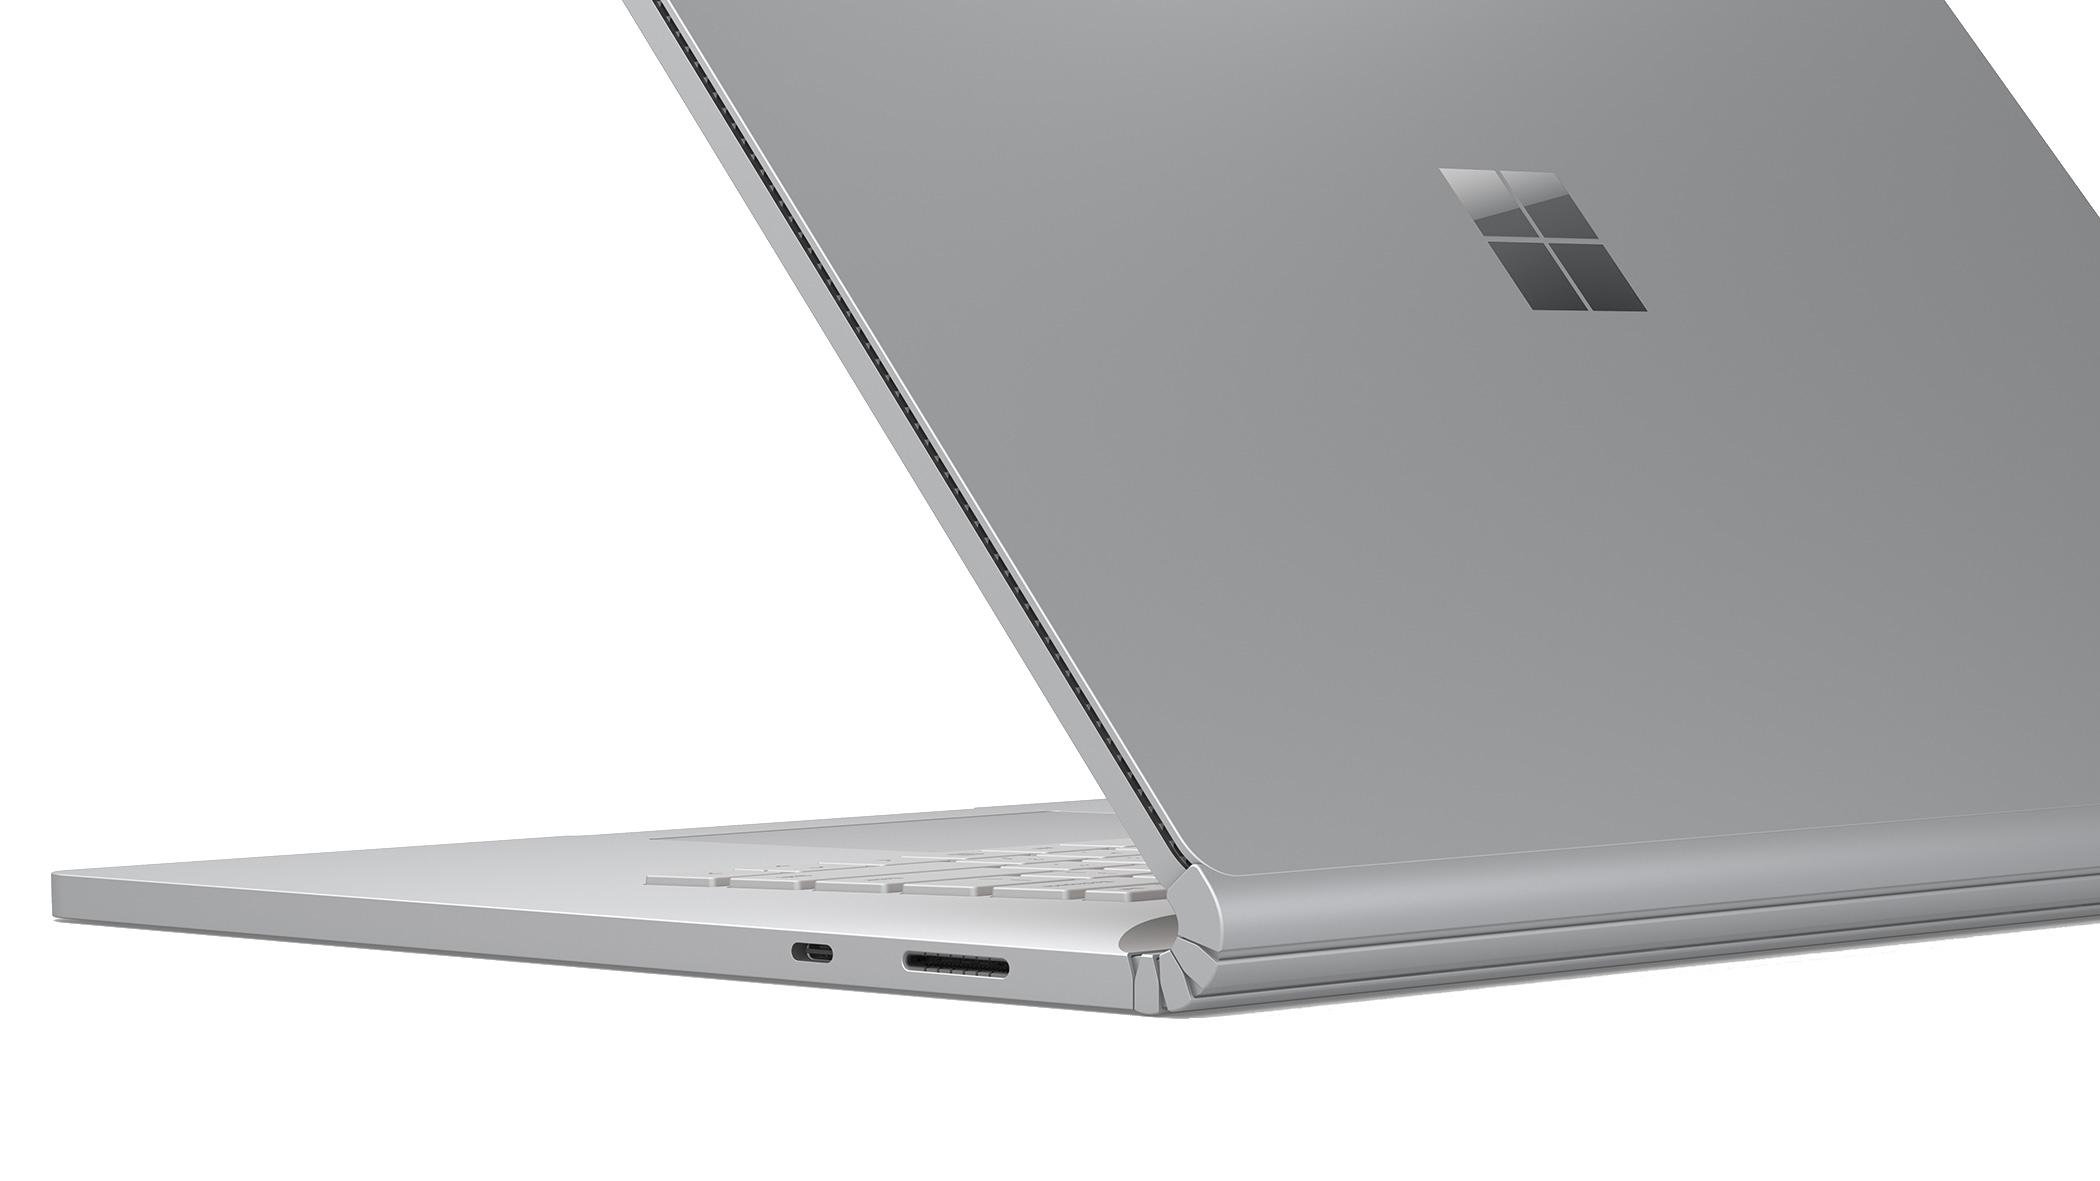 """Microsoft Surface Book 3 LPDDR4x-SDRAM Hybrid (2-in-1) 34,3 cm (13.5"""") 3000 x 2000 piksler Berøringsskjerm 10th gen Intel® Core™ i7 32 GB 1000 GB SSD Wi-Fi 6 (802.11ax) Platina"""